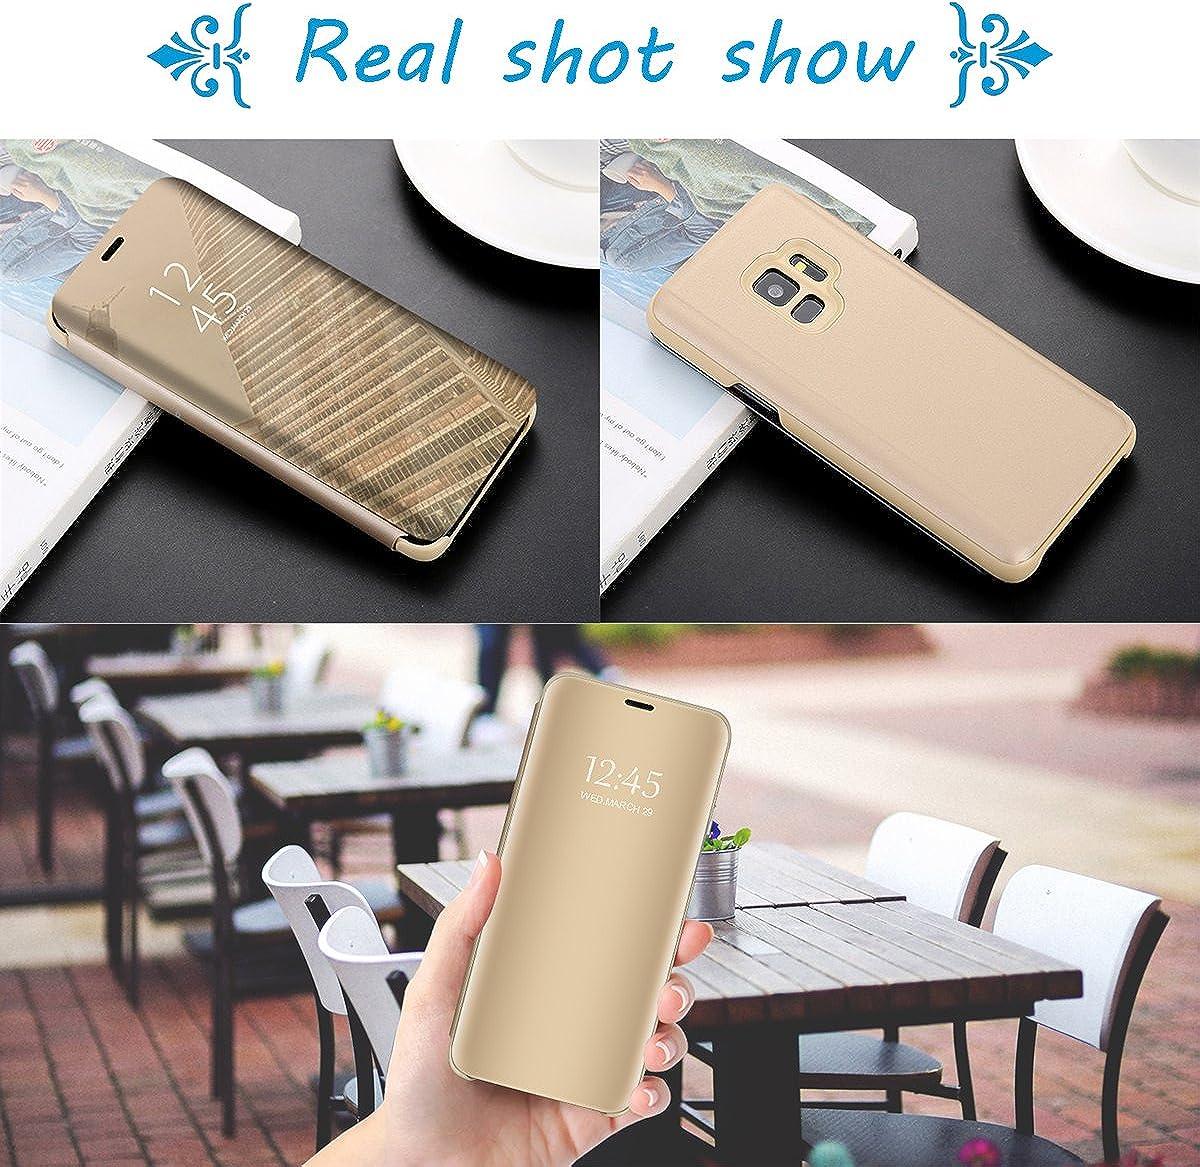 Spiegel Cover Clear View Case Flip mit Standfunktion Card Galaxy A30 handyh/ülle Flip schal mit Tasche Shell Kompatibel mit Samsung Galaxy A10 H/ülle Schutzh/ülle Case